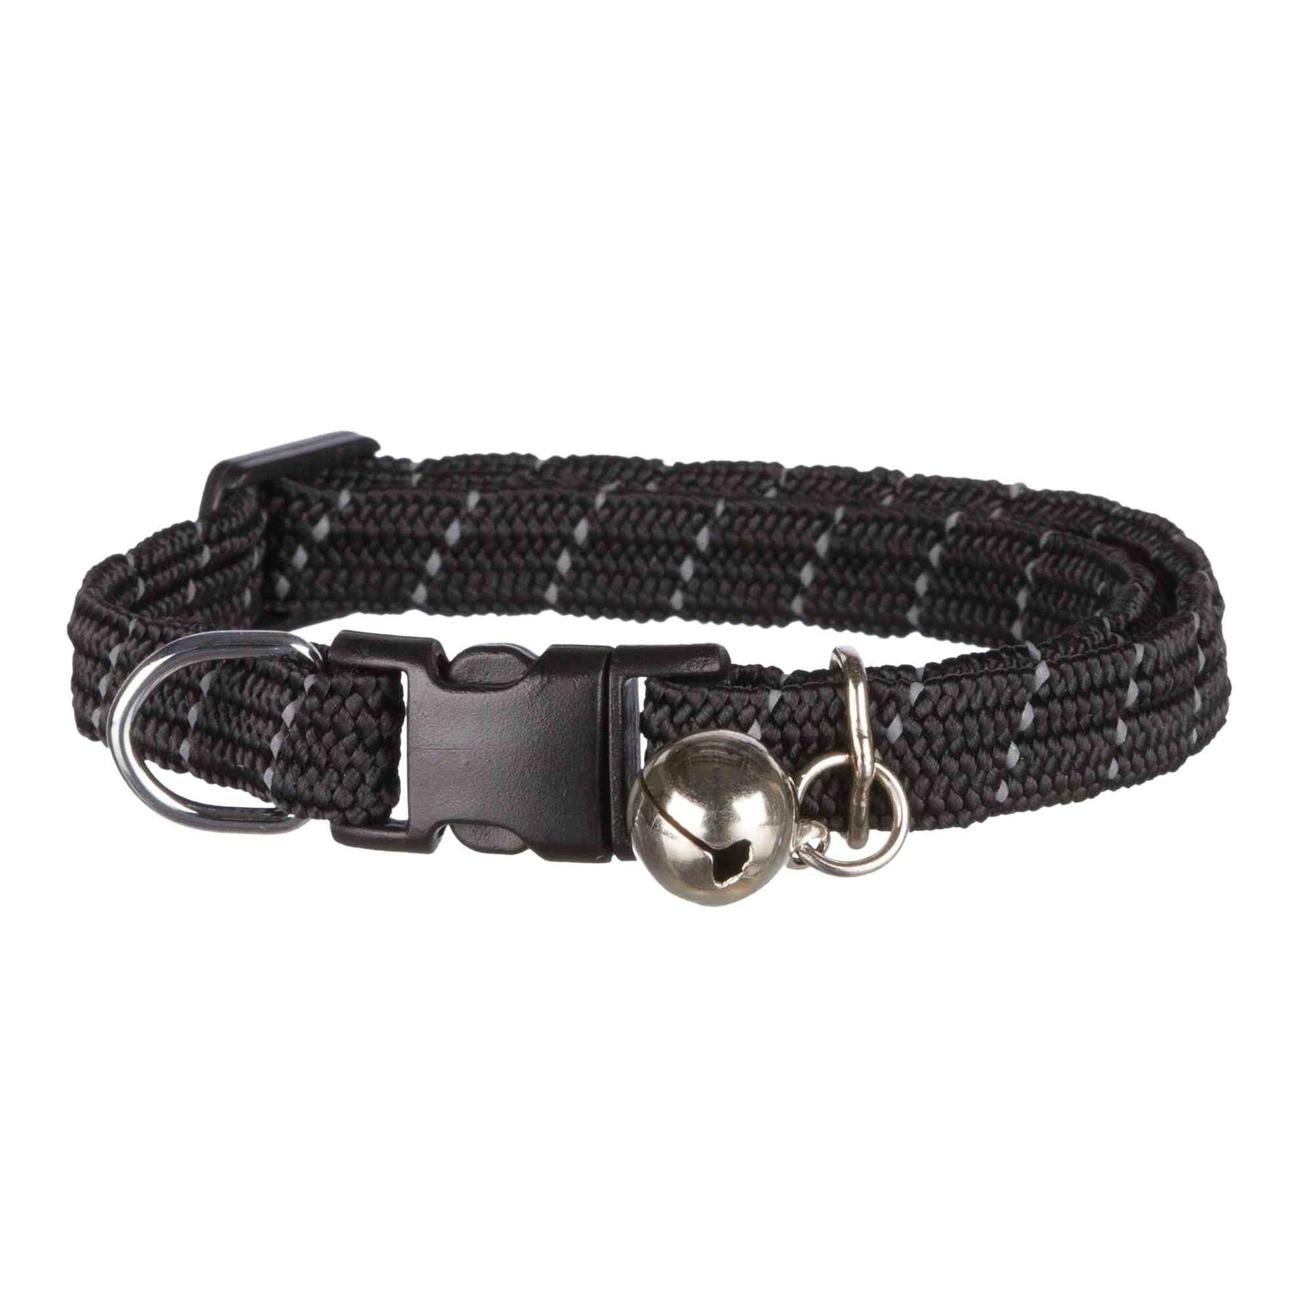 Trixie Katzen-Halsband Safer Life XL, reflektierend 4147, Bild 2